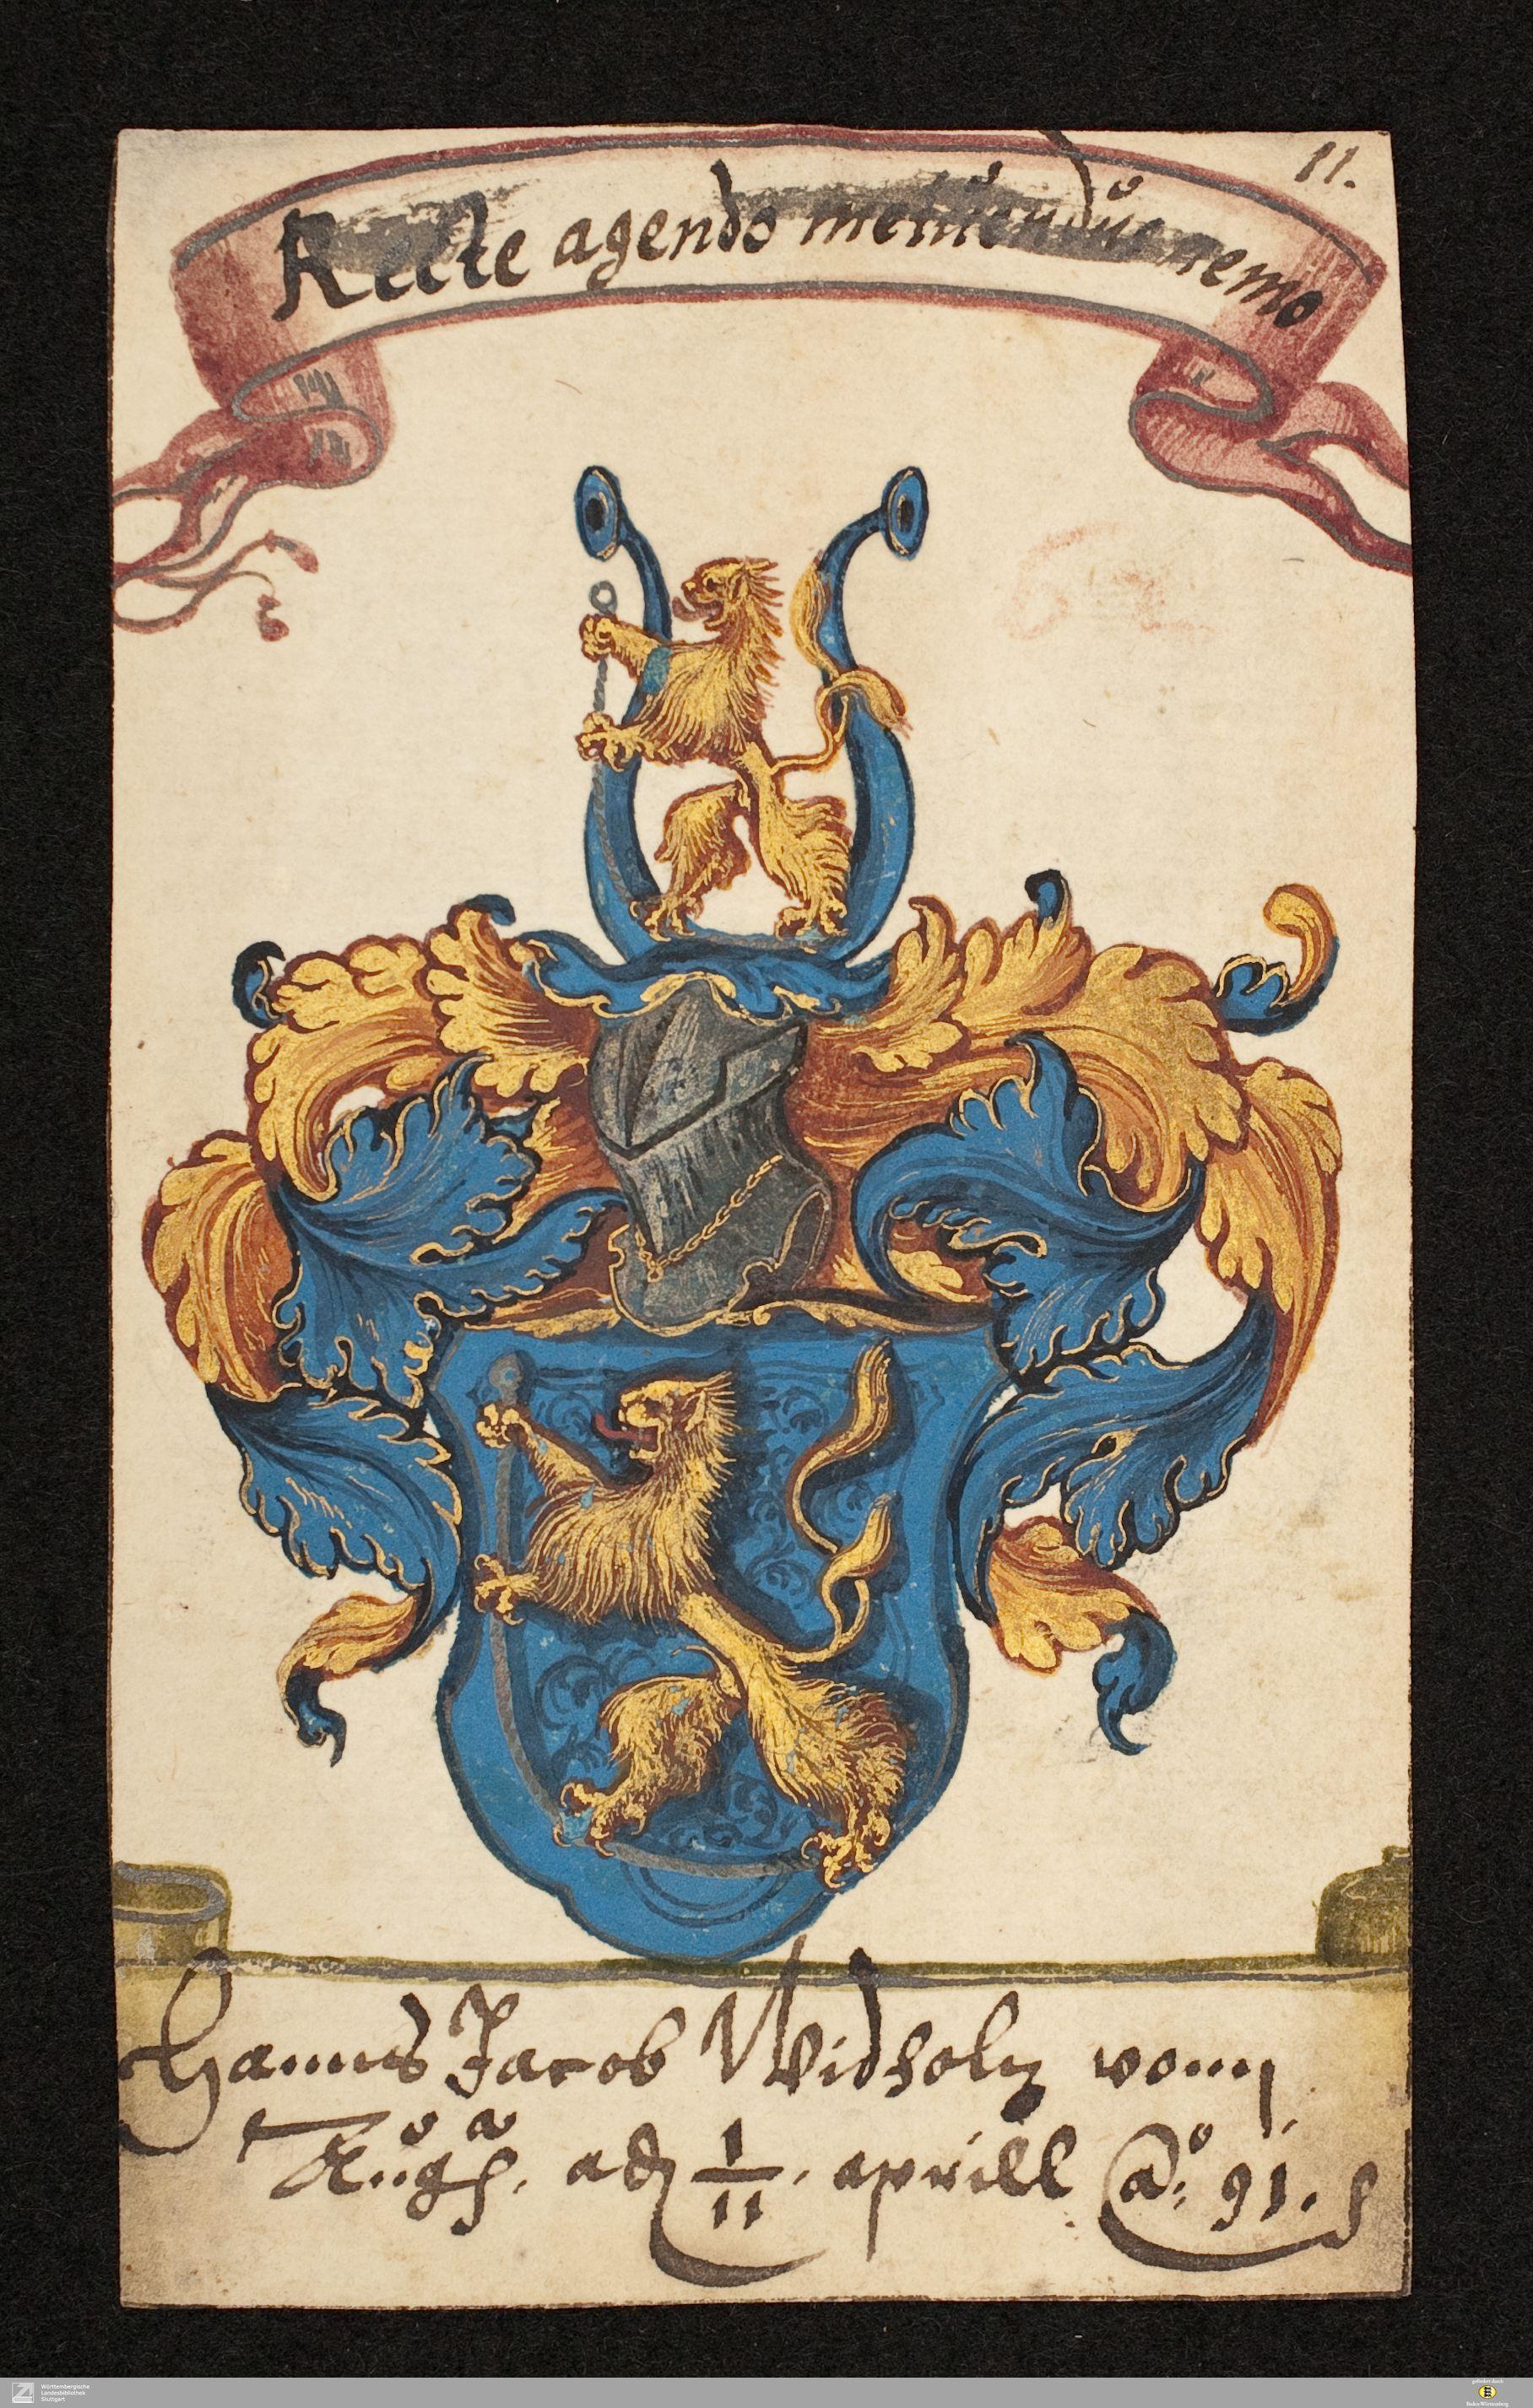 Stammbuch Daniel Prasch - Cod.Don.898 Paralleltitel Stammbuch Daniel Prasch - Cod.Don.898 Erscheinungsort Hofgastein Augsburg Schladming [u.a.] Erscheinungsjahr [1583 – 1629 (1559. 1576. 1632. 1678)] Besitzer des Digitalisats Württembergische Landesbibliothek URN urn:nbn:de:bsz:24-digibib-bsz4204126700 Persistente URL http://digital.wlb-stuttgart.de/purl/bsz420412670